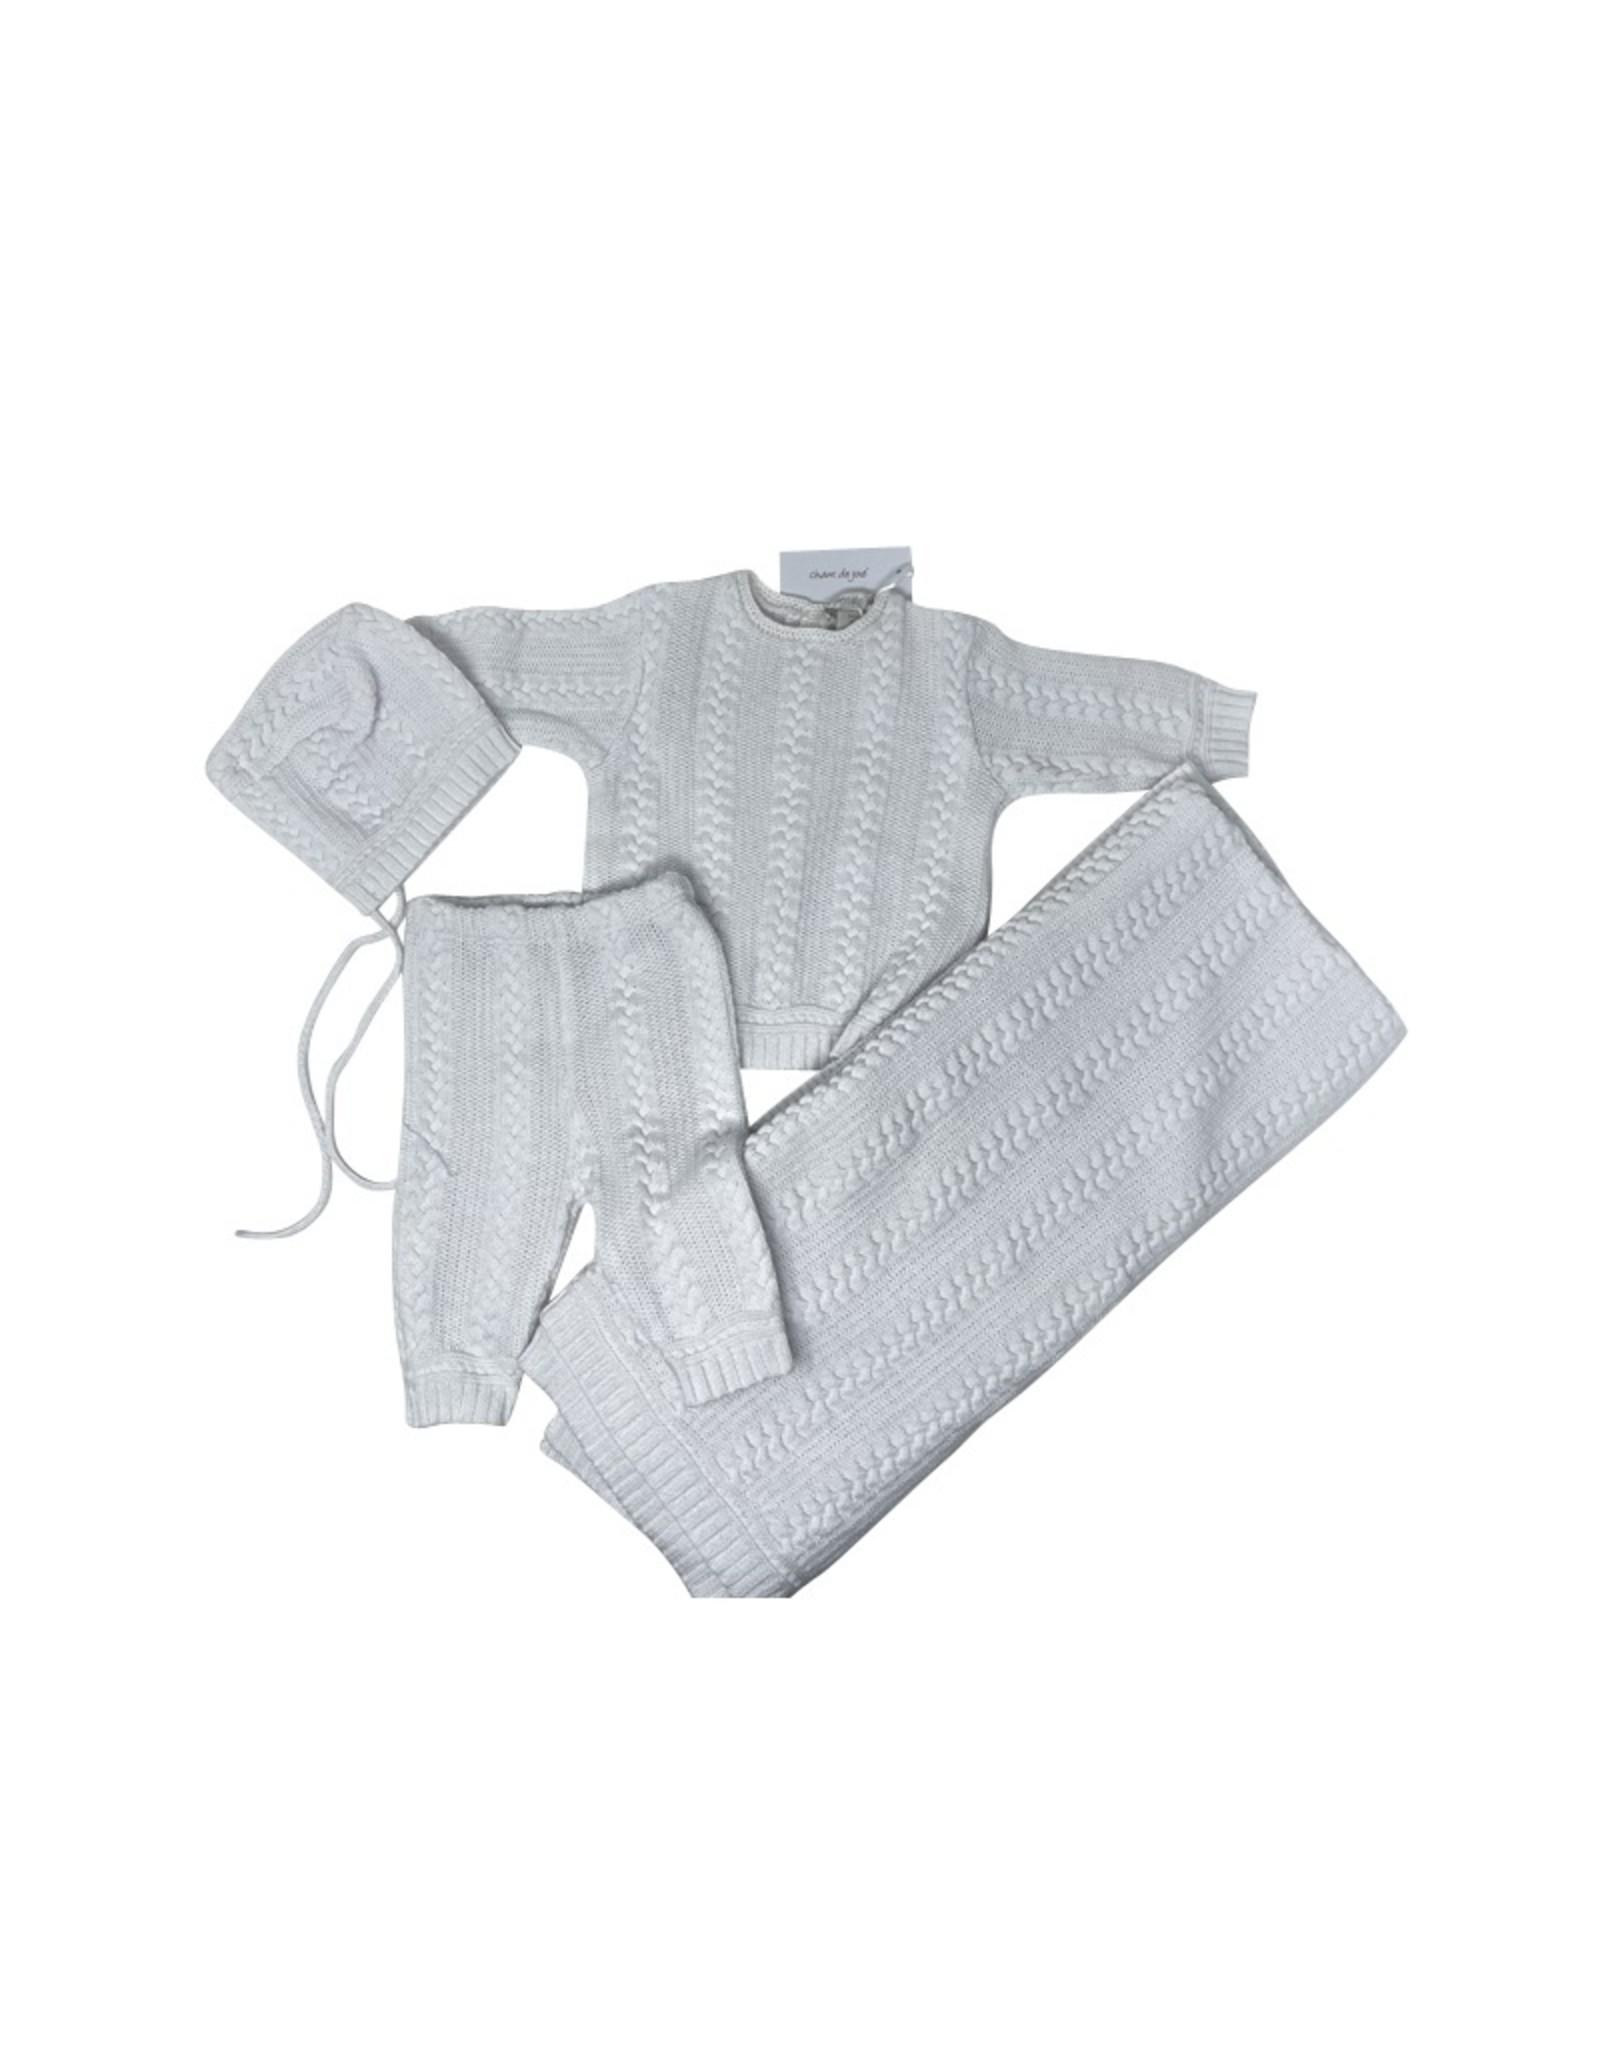 Chant De Joie Chant De Joie Braided Cable Knit Bris 4 Piece Set